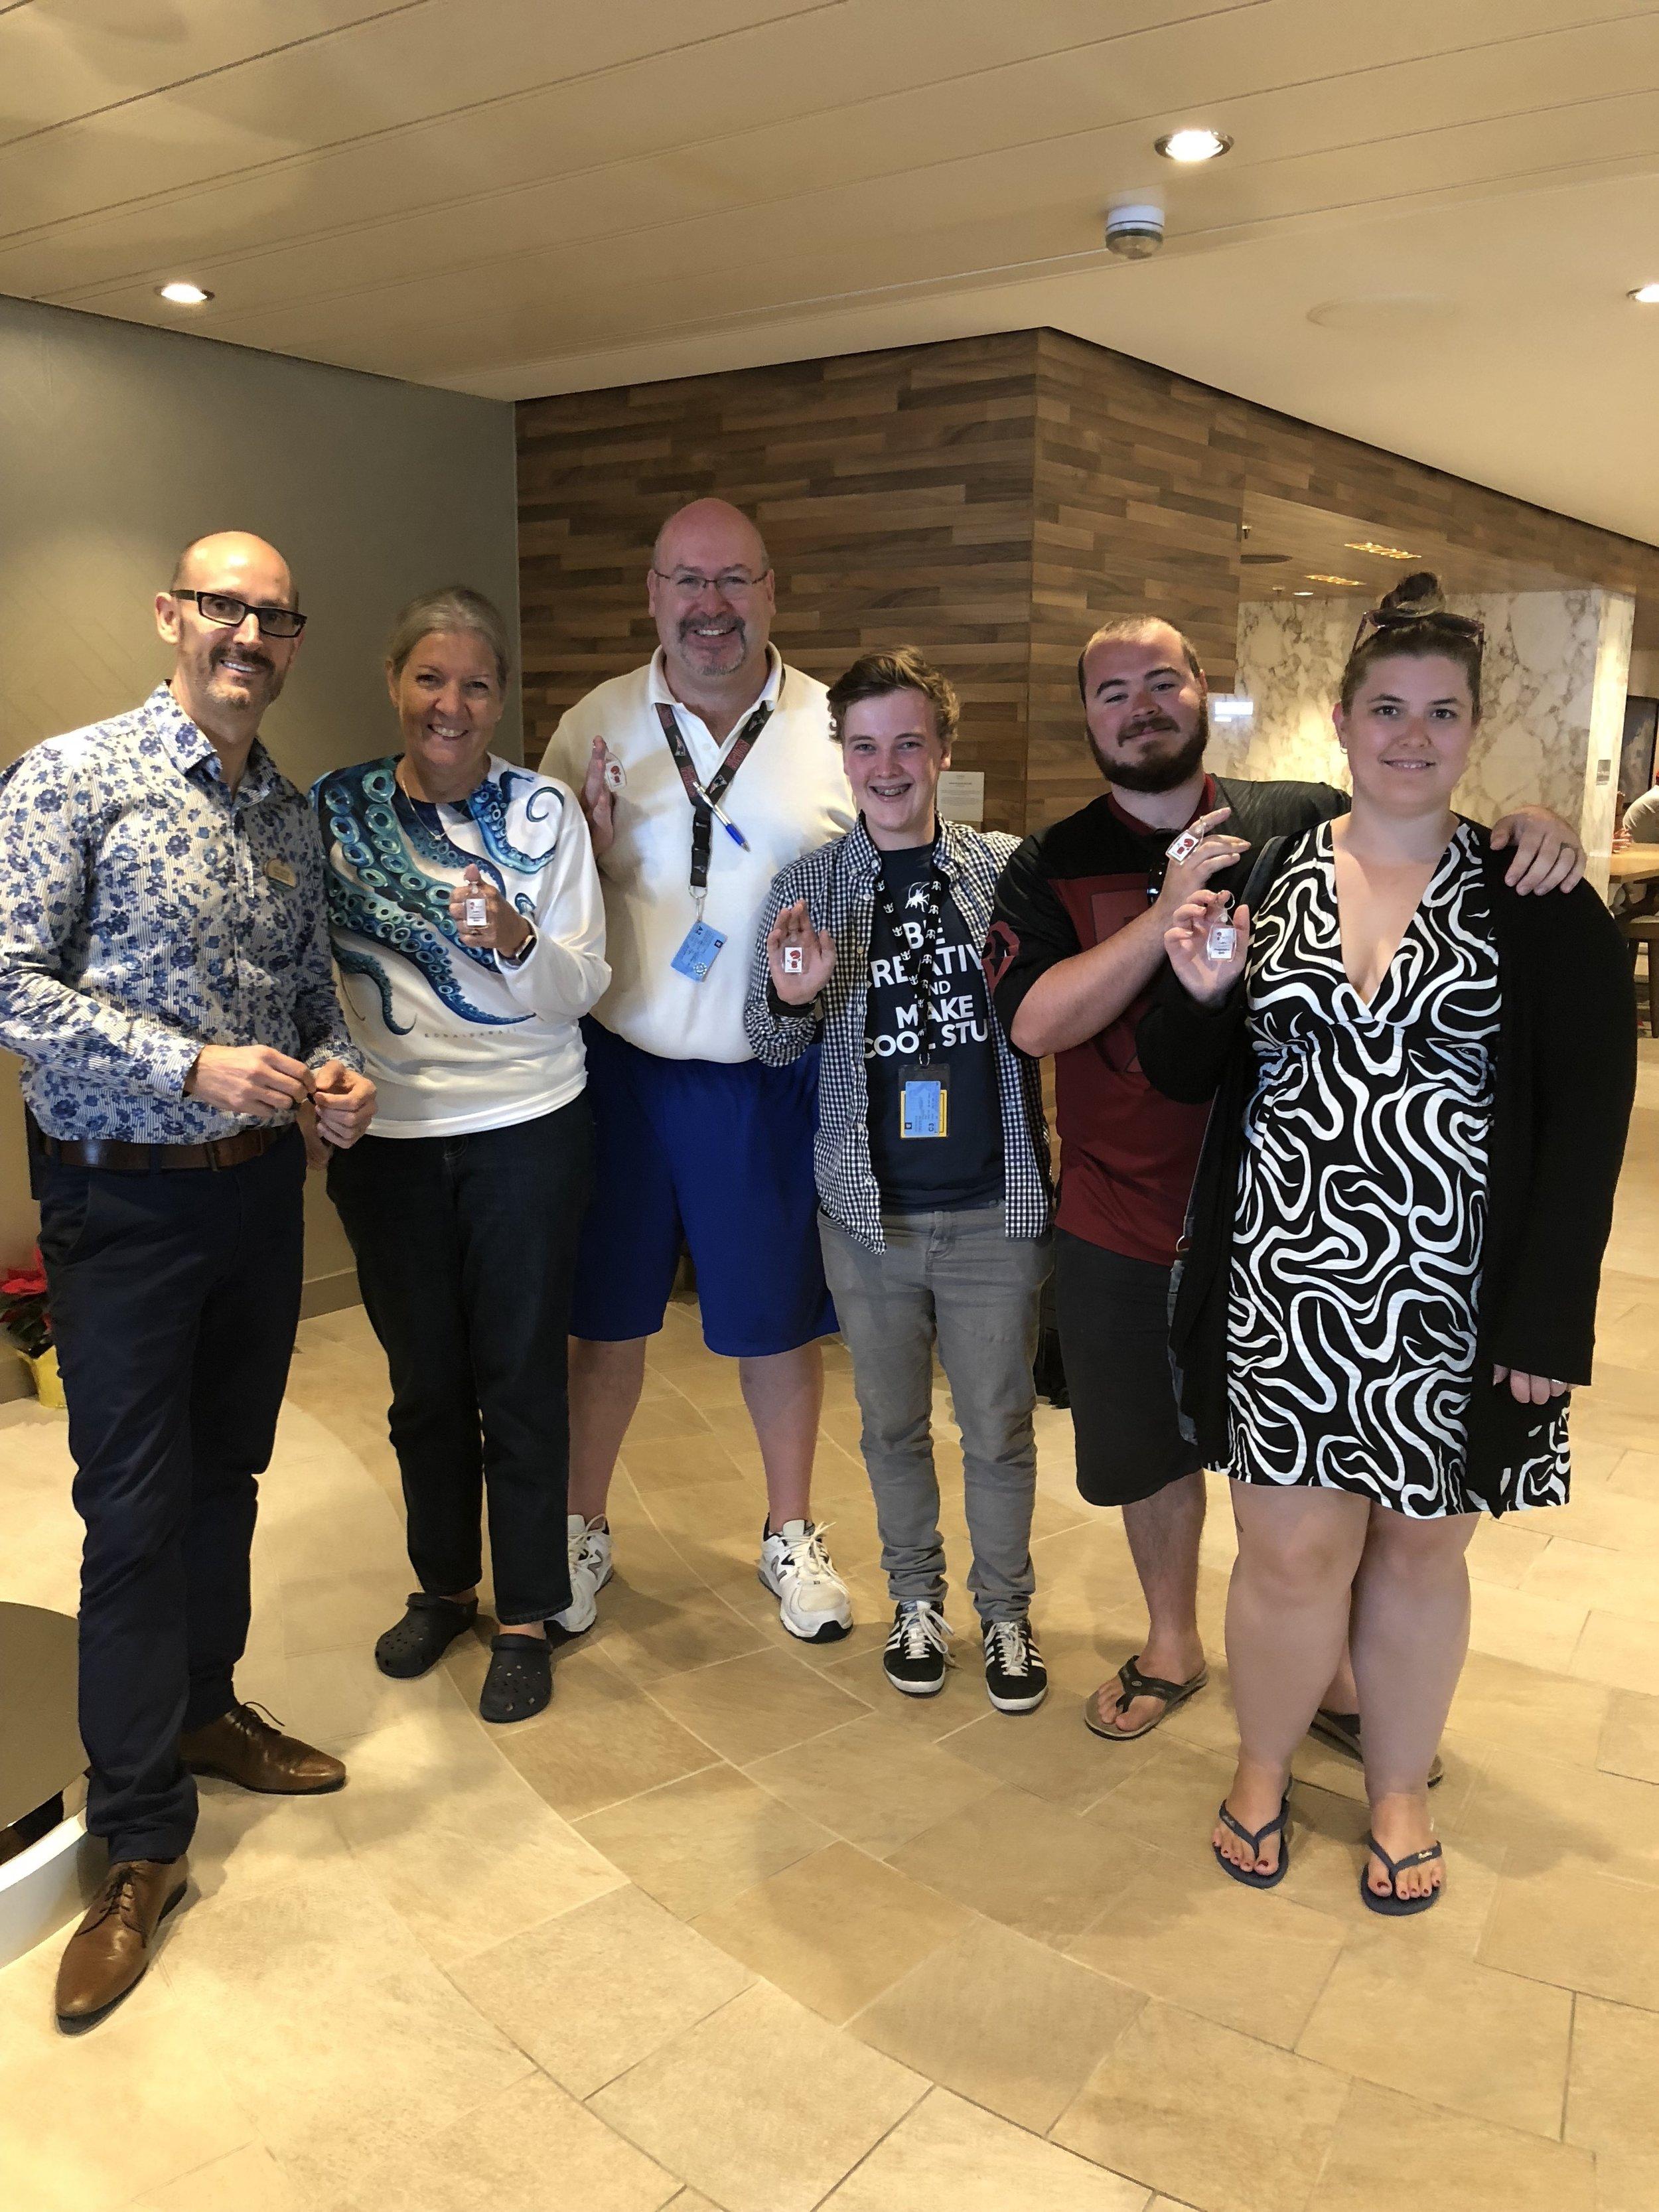 Opening 2017/18 Australian Season Champions on board Ovation of the Seas